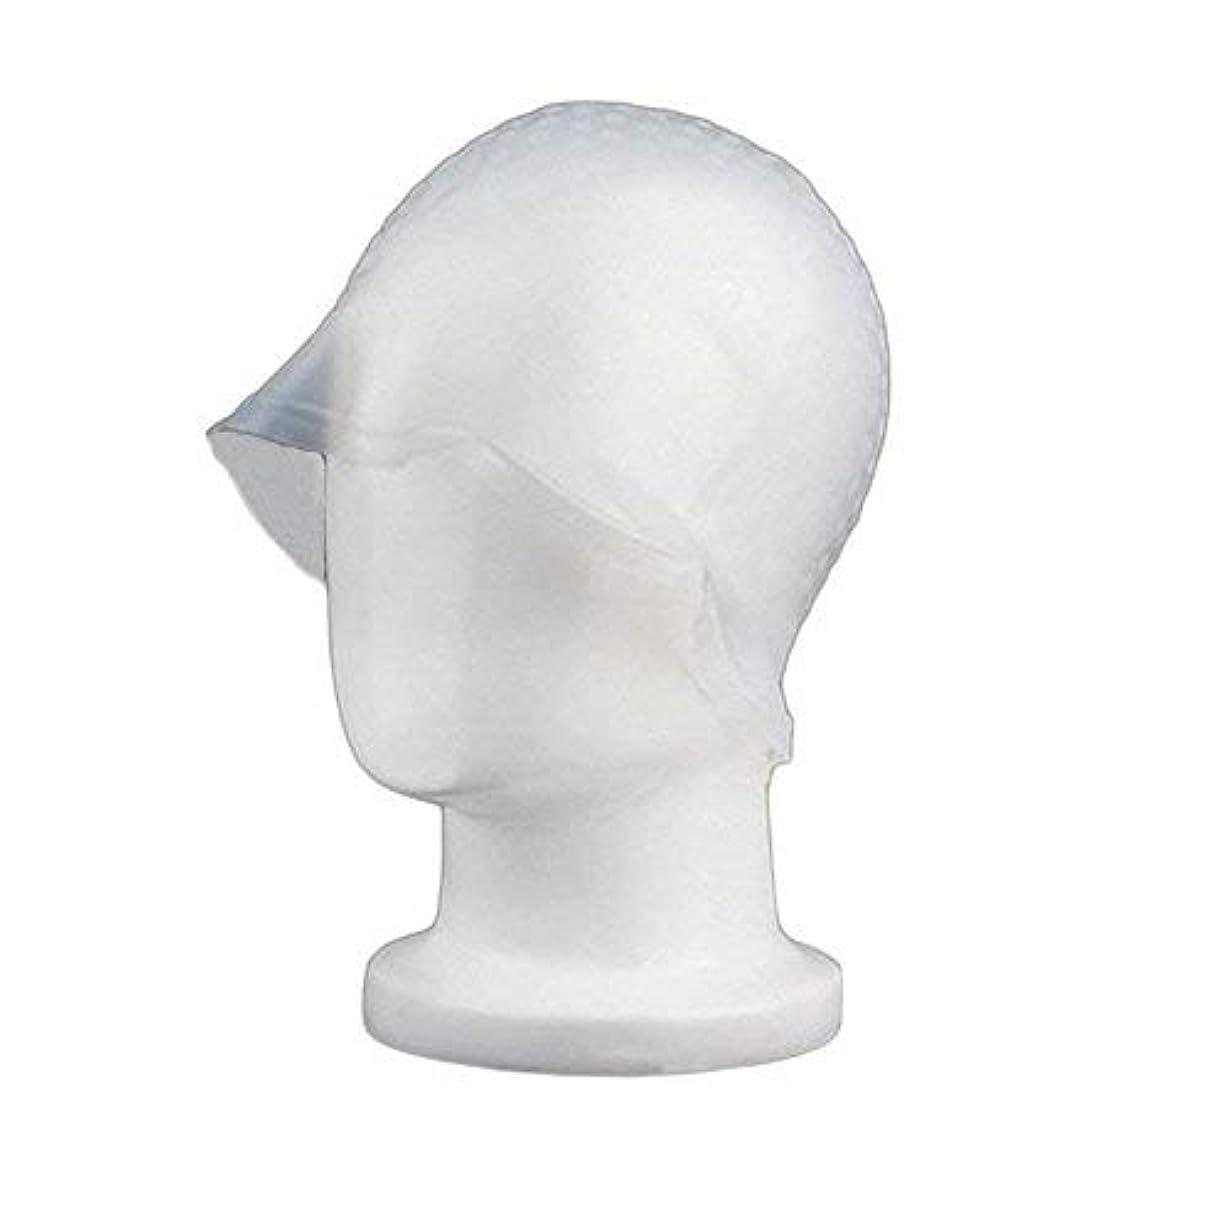 配置不安定な検閲chaselpod 洗って使える ヘアカラー メッシュ 染め用 用 シリコン ヘア キャップキャップ